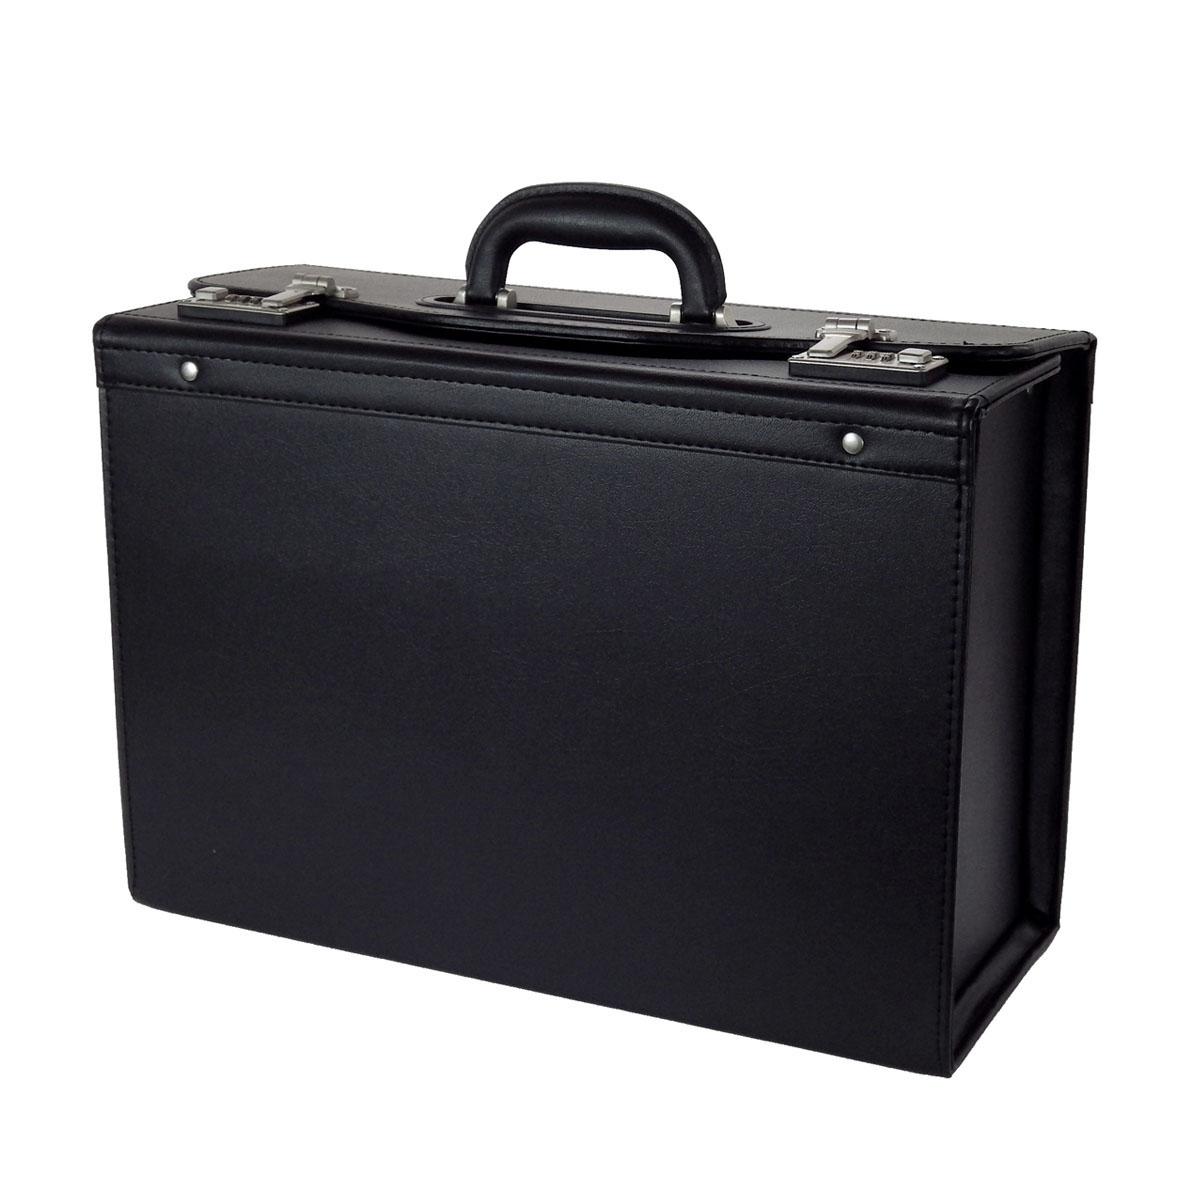 アタッシュケース GUSTO ガスト パイロット ケース No:20028 使い易い 大容量 書類を楽々出し入れ 書類の持ち運び 観音開き 通勤 通学 営業 鞄倶楽部